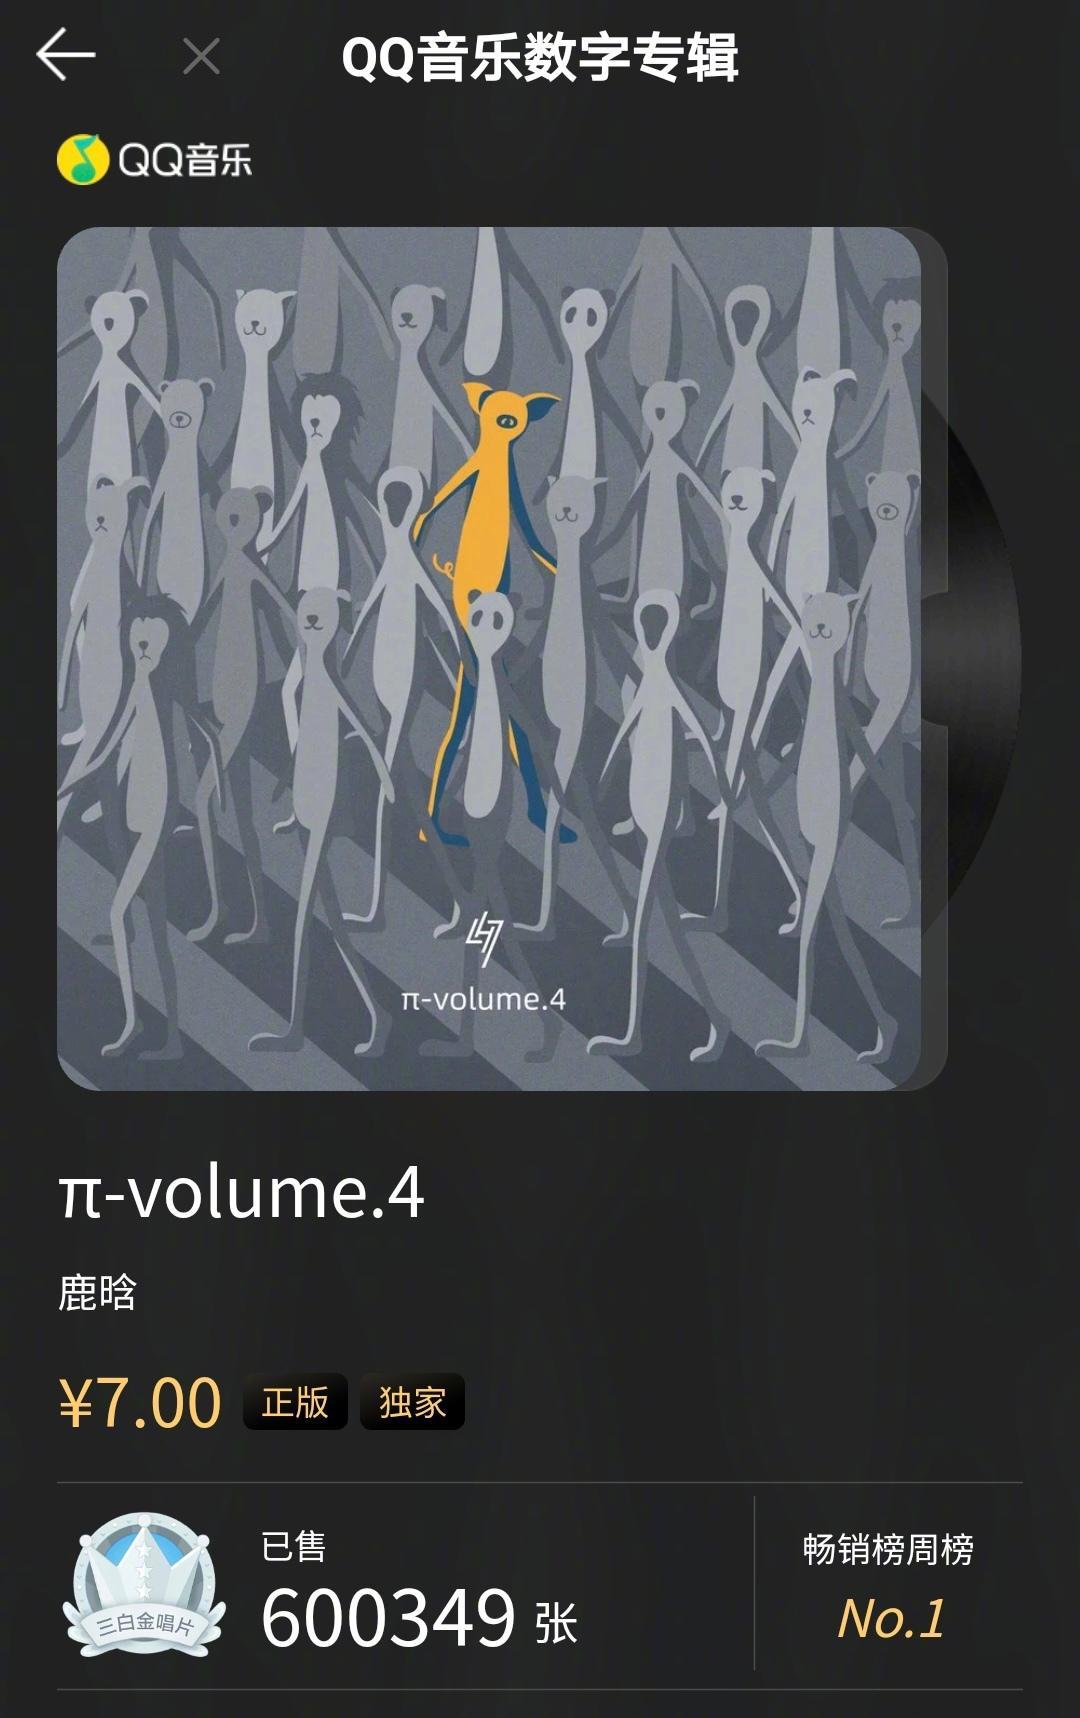 3分钟三白金唱片达成,上线不到半小时,销量破60万……